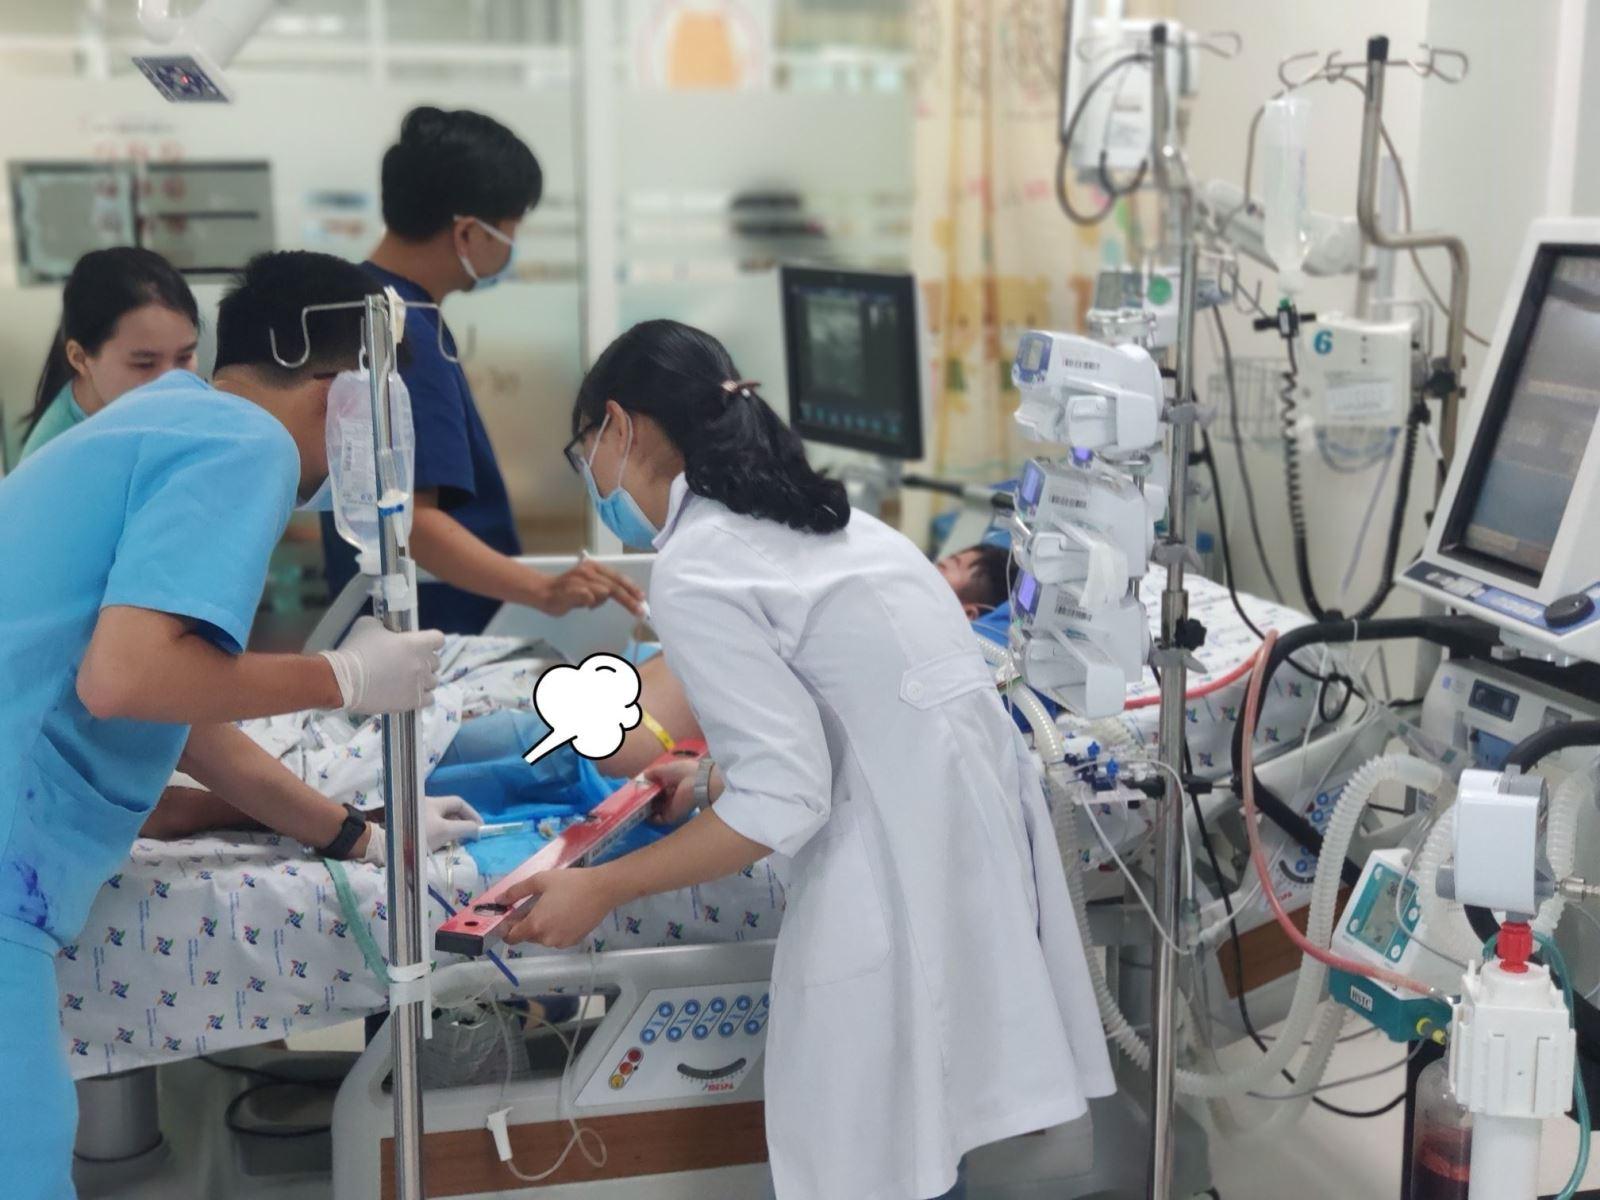 Bé B.M.M được chuyển đến Bệnh viện Nhi đồng Thành phố với chẩn đoán sốc sốt xuất huyết Dengue nặng ngày thứ 4; tổn thương gan, suy hô hấp, rối loạn đông máu, xuất huyết tiêu hóa. Ảnh: BV